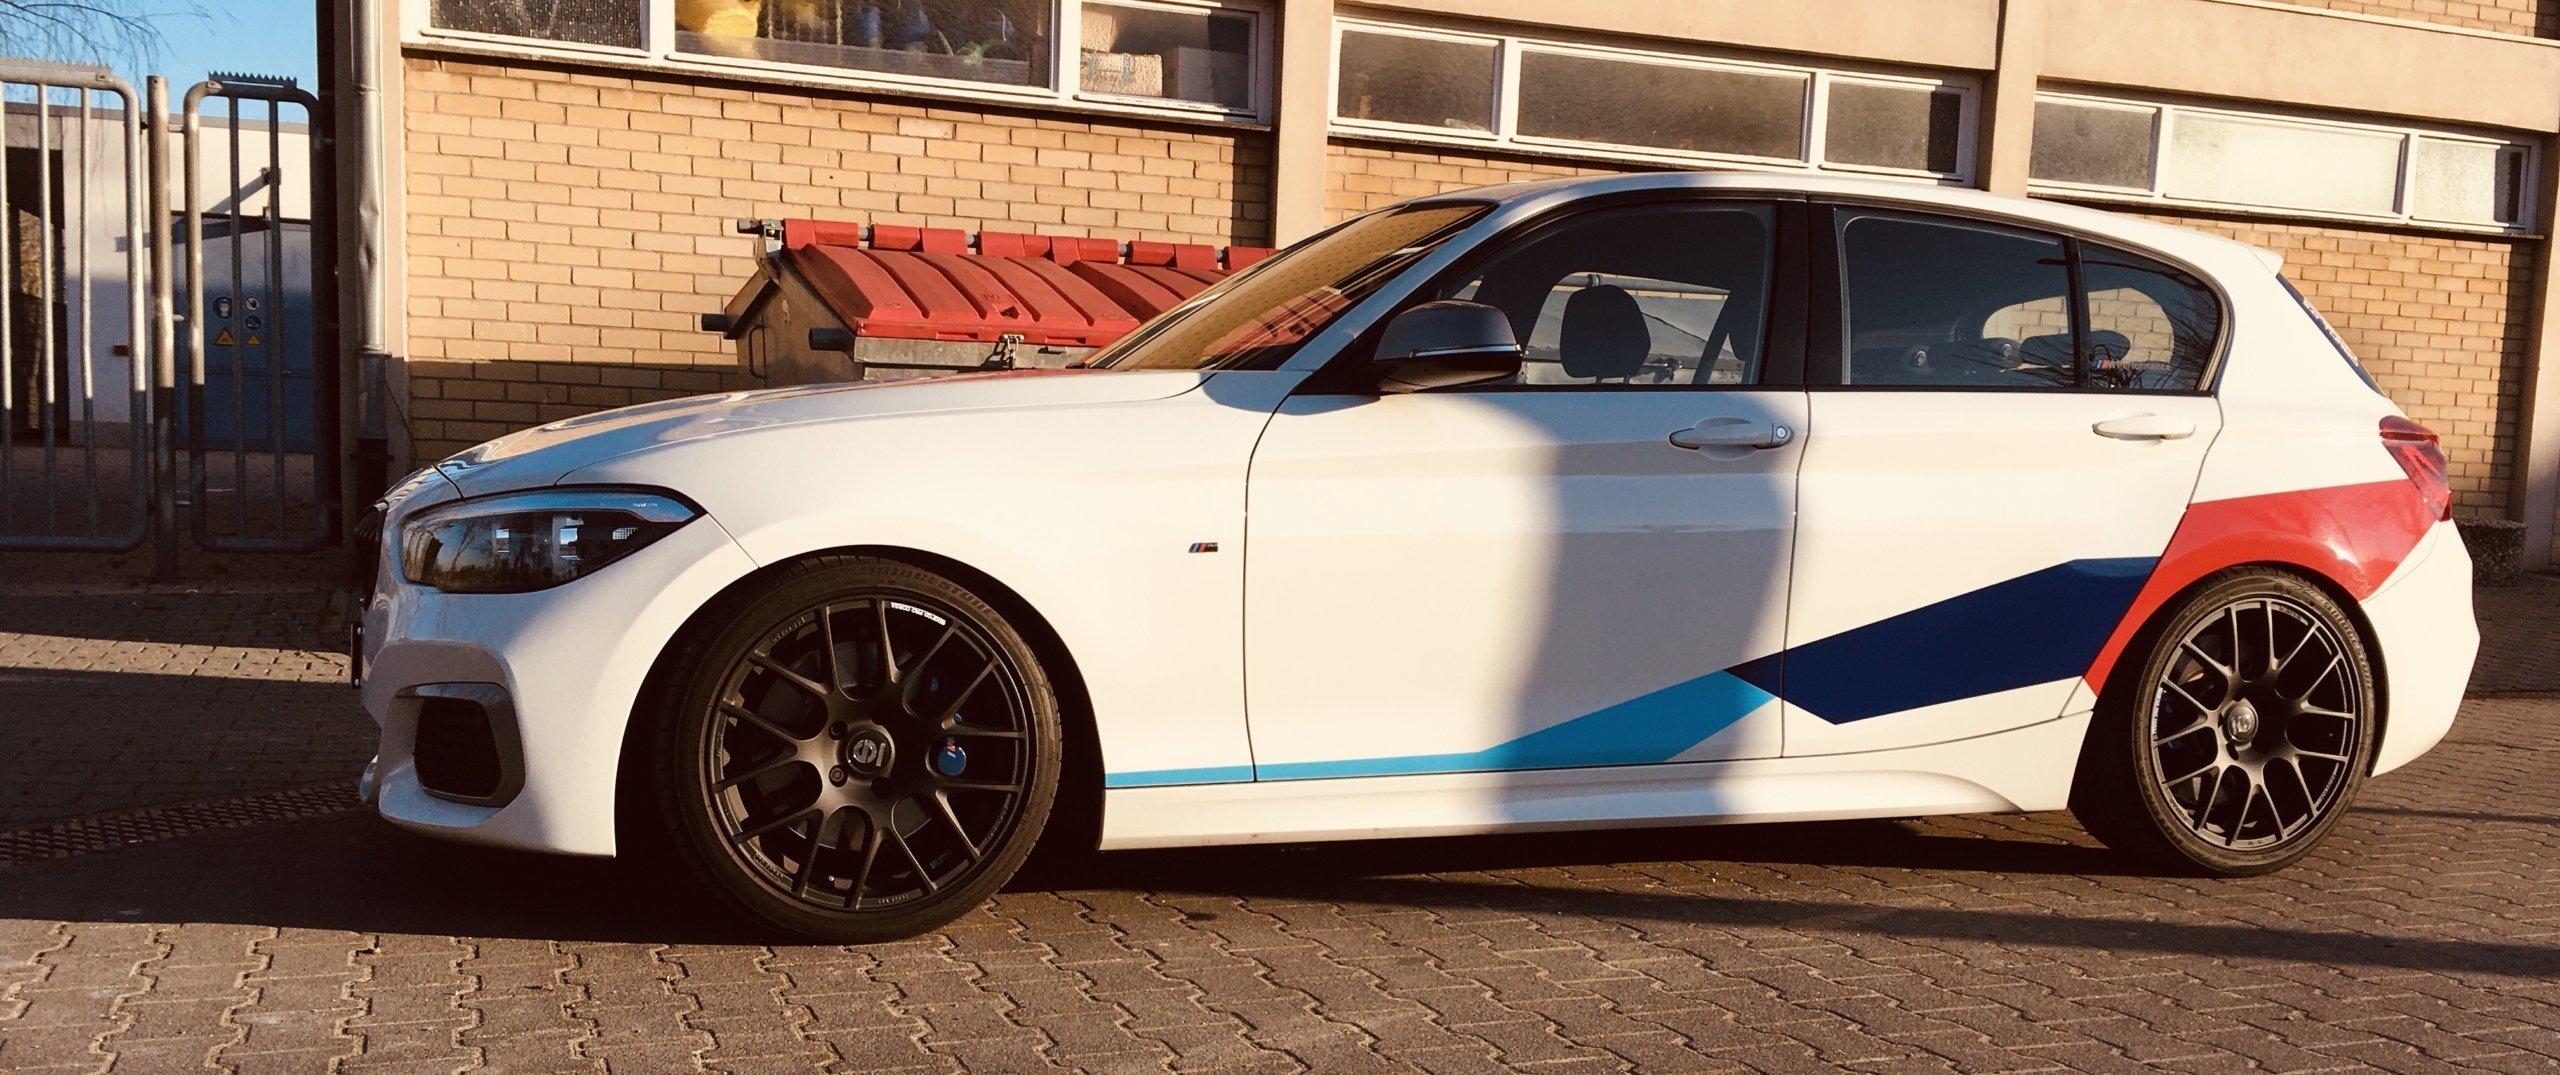 BMW – 1er – Weiß – SPARCO WHEELS – Pro Corsa – Schwarz – 18 Zoll